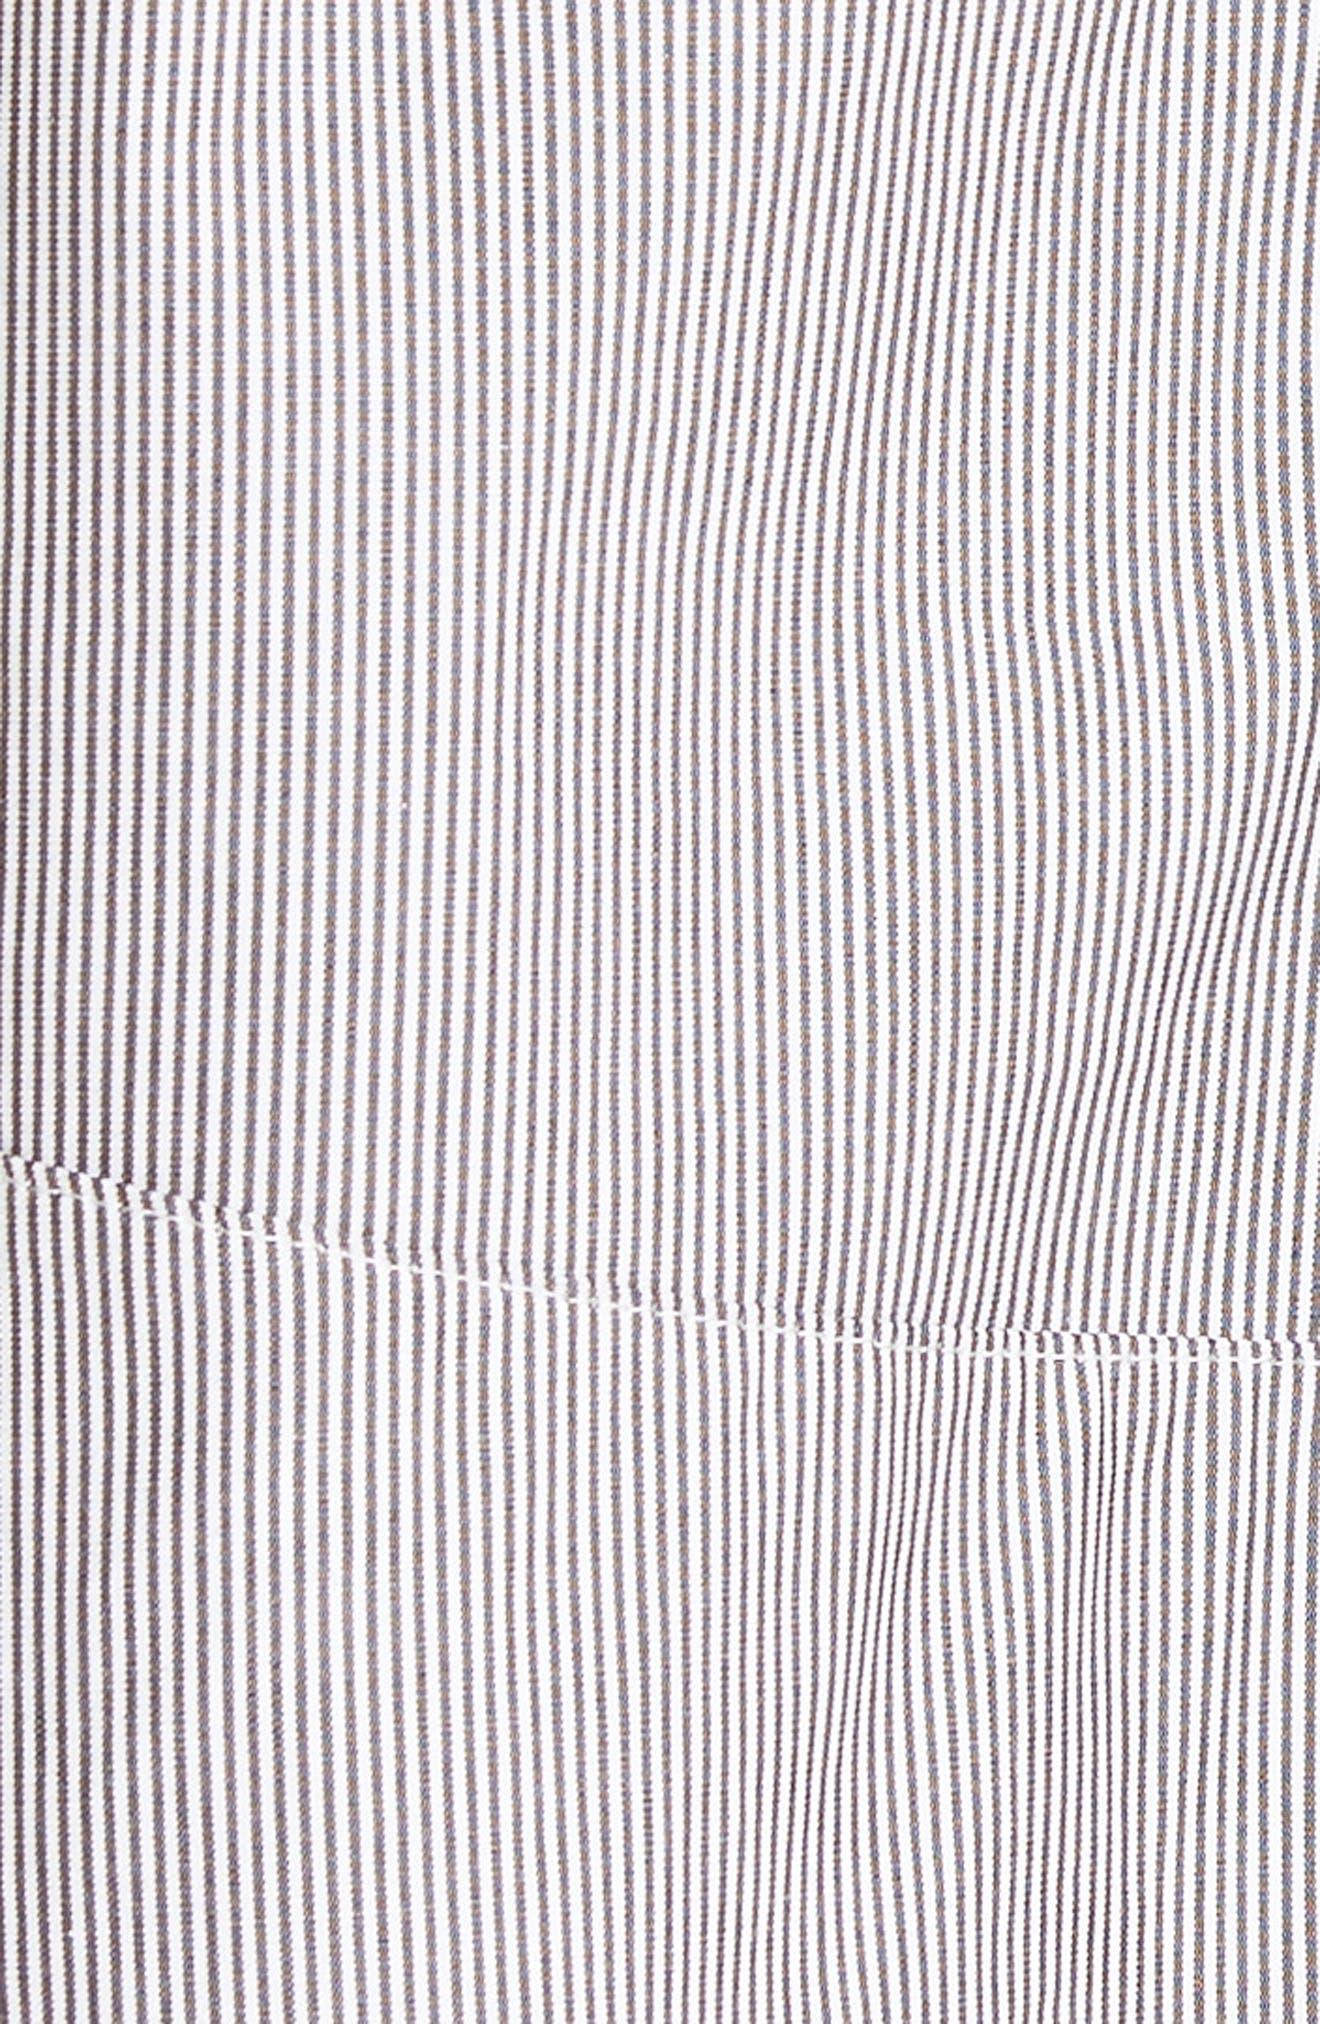 Tie Detail Top,                             Alternate thumbnail 5, color,                             004